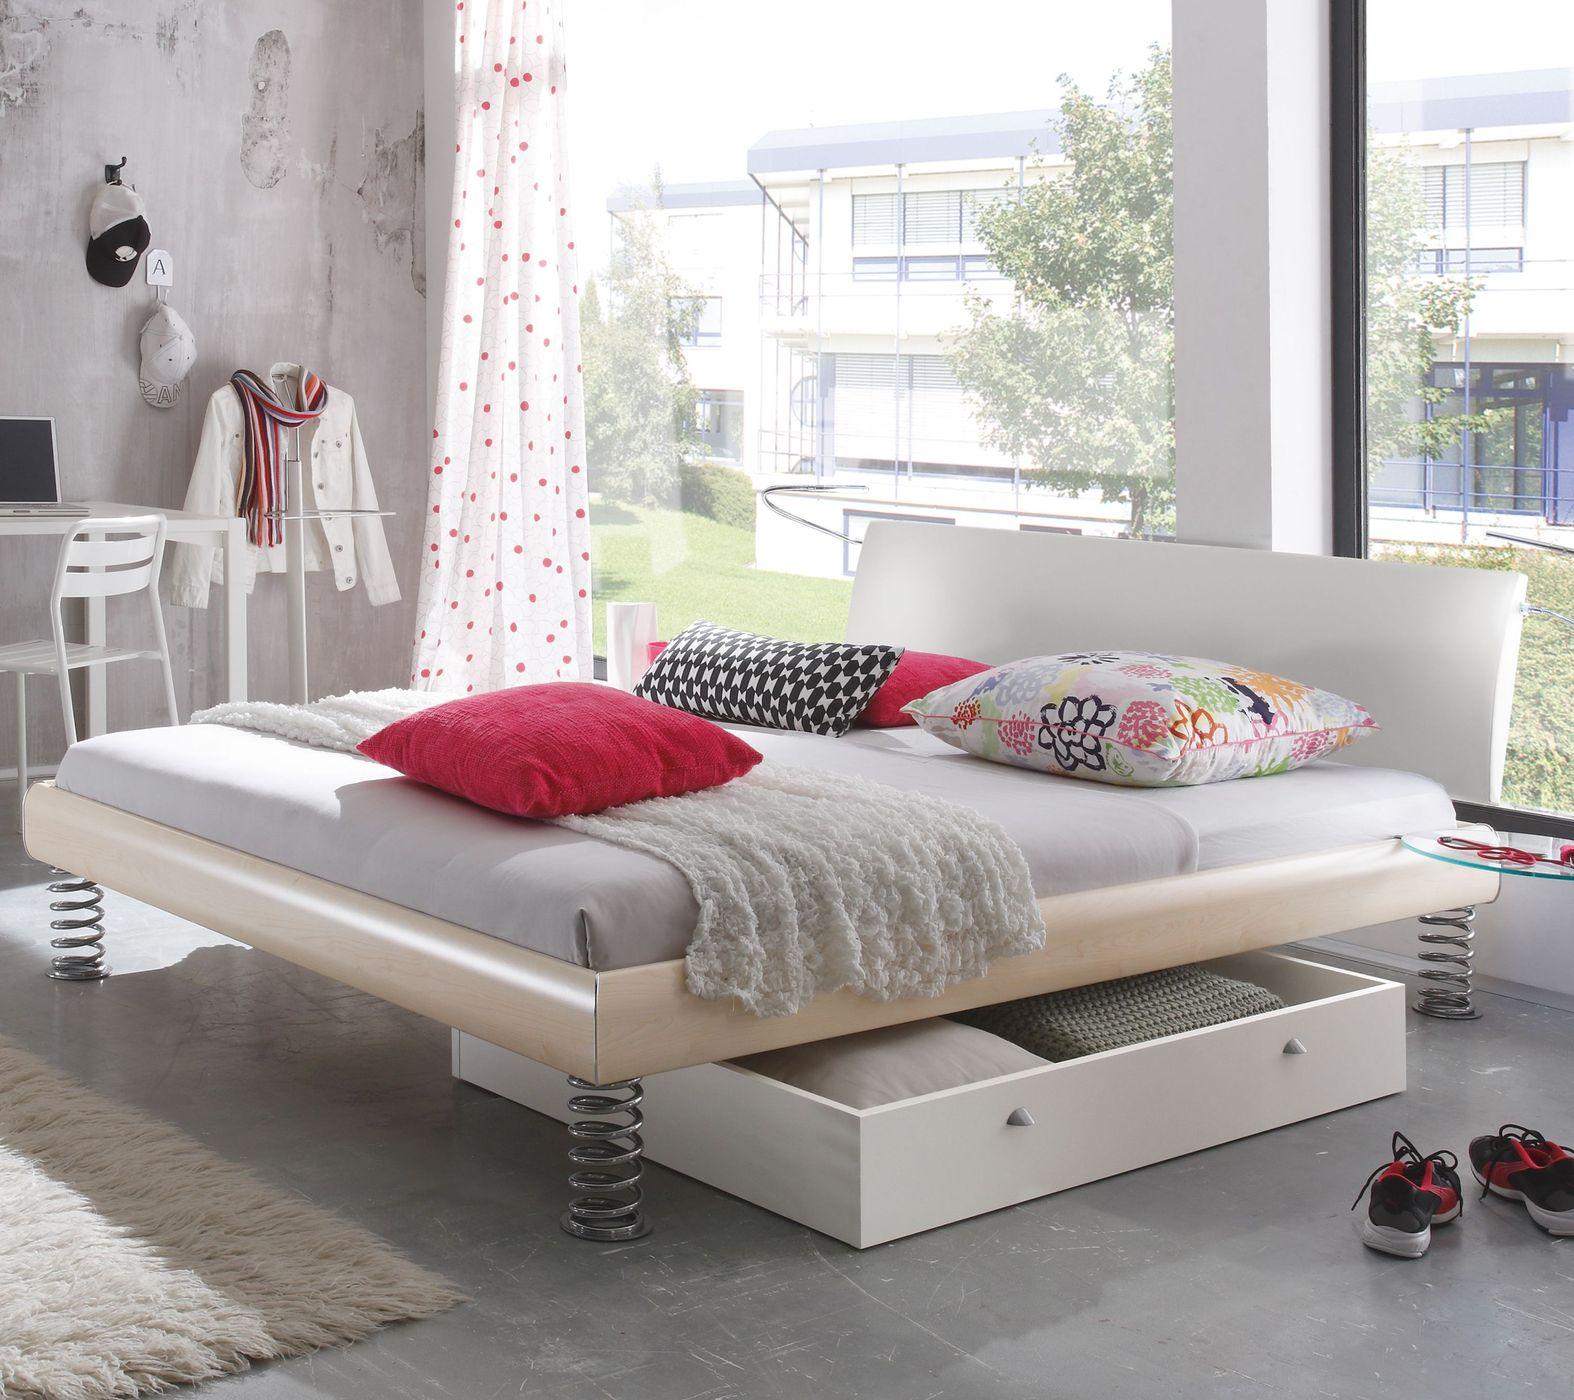 Cooles Einzel- und Doppelbett mit Sprungfedern - Wereda